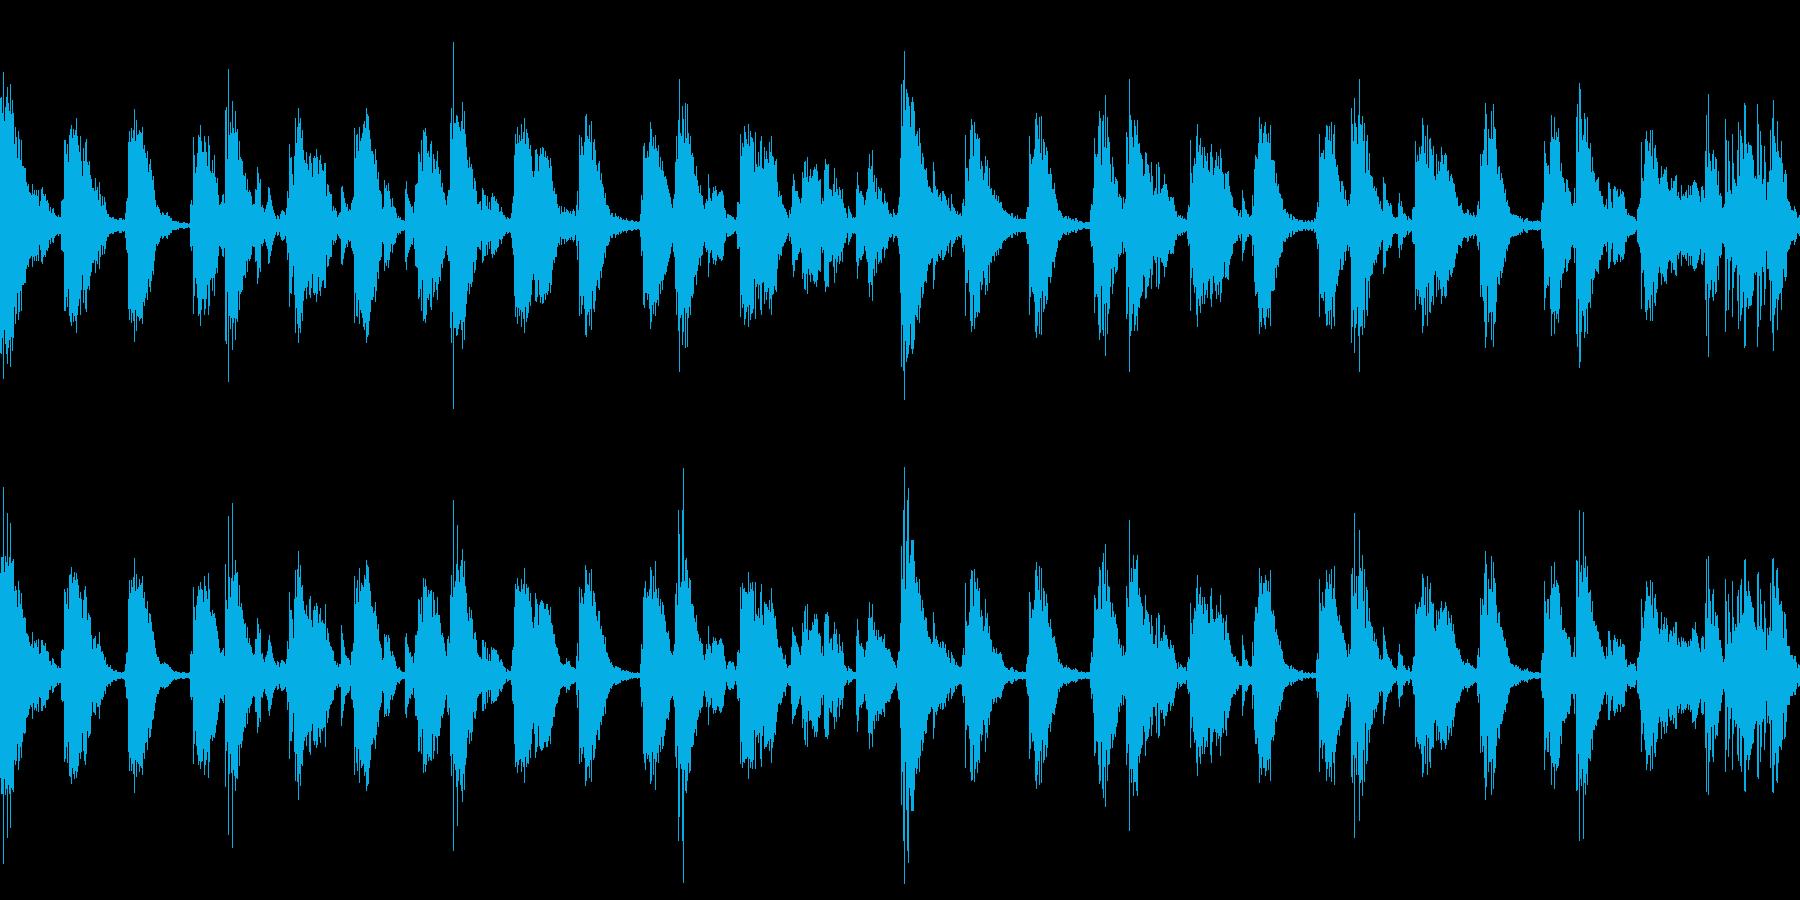 リズムに乗れると楽しいアンビエント曲 の再生済みの波形